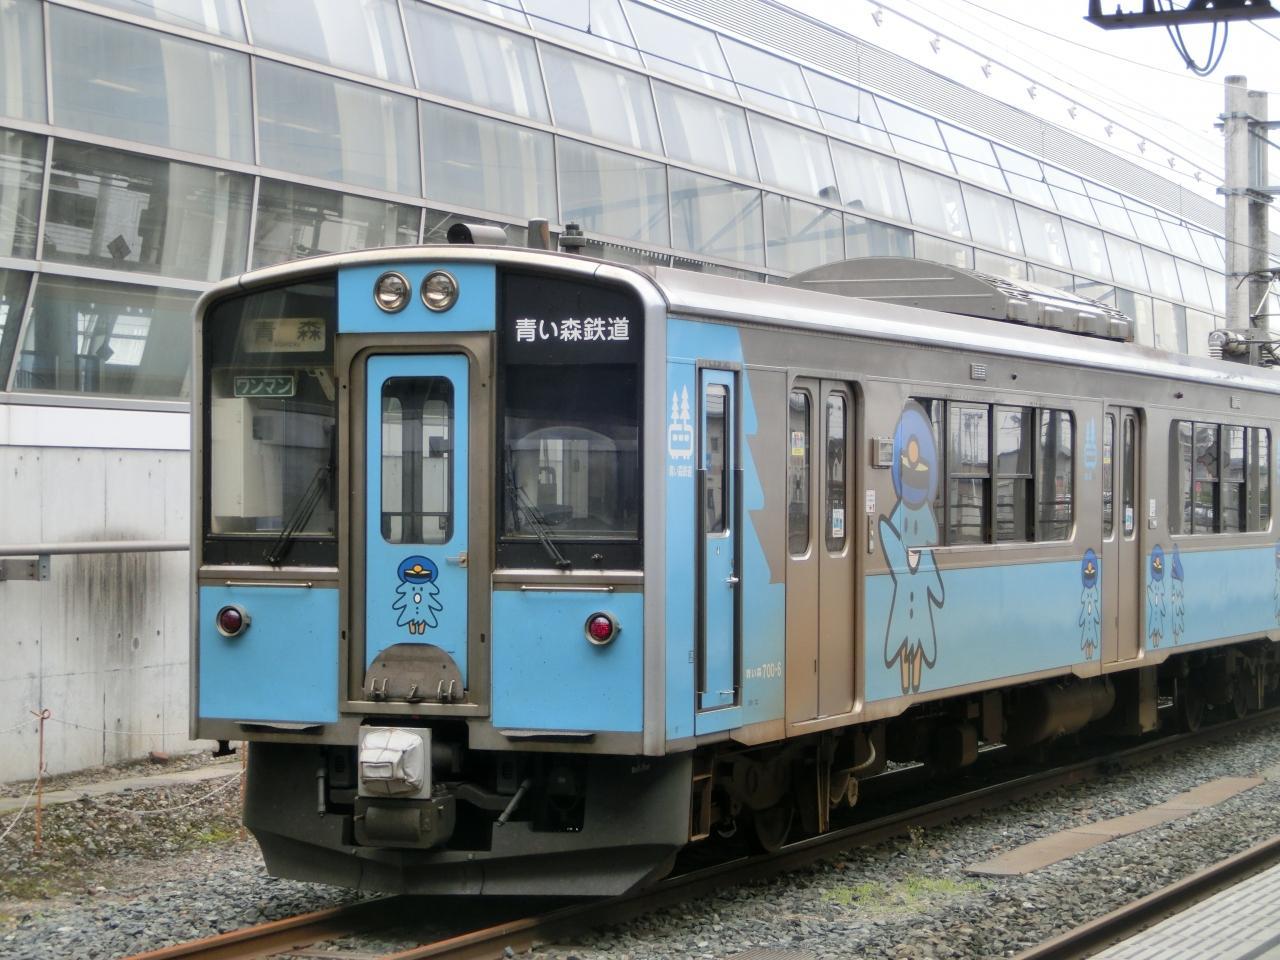 新幹線で東京・八戸間を格安料金で行く方法|新幹 …